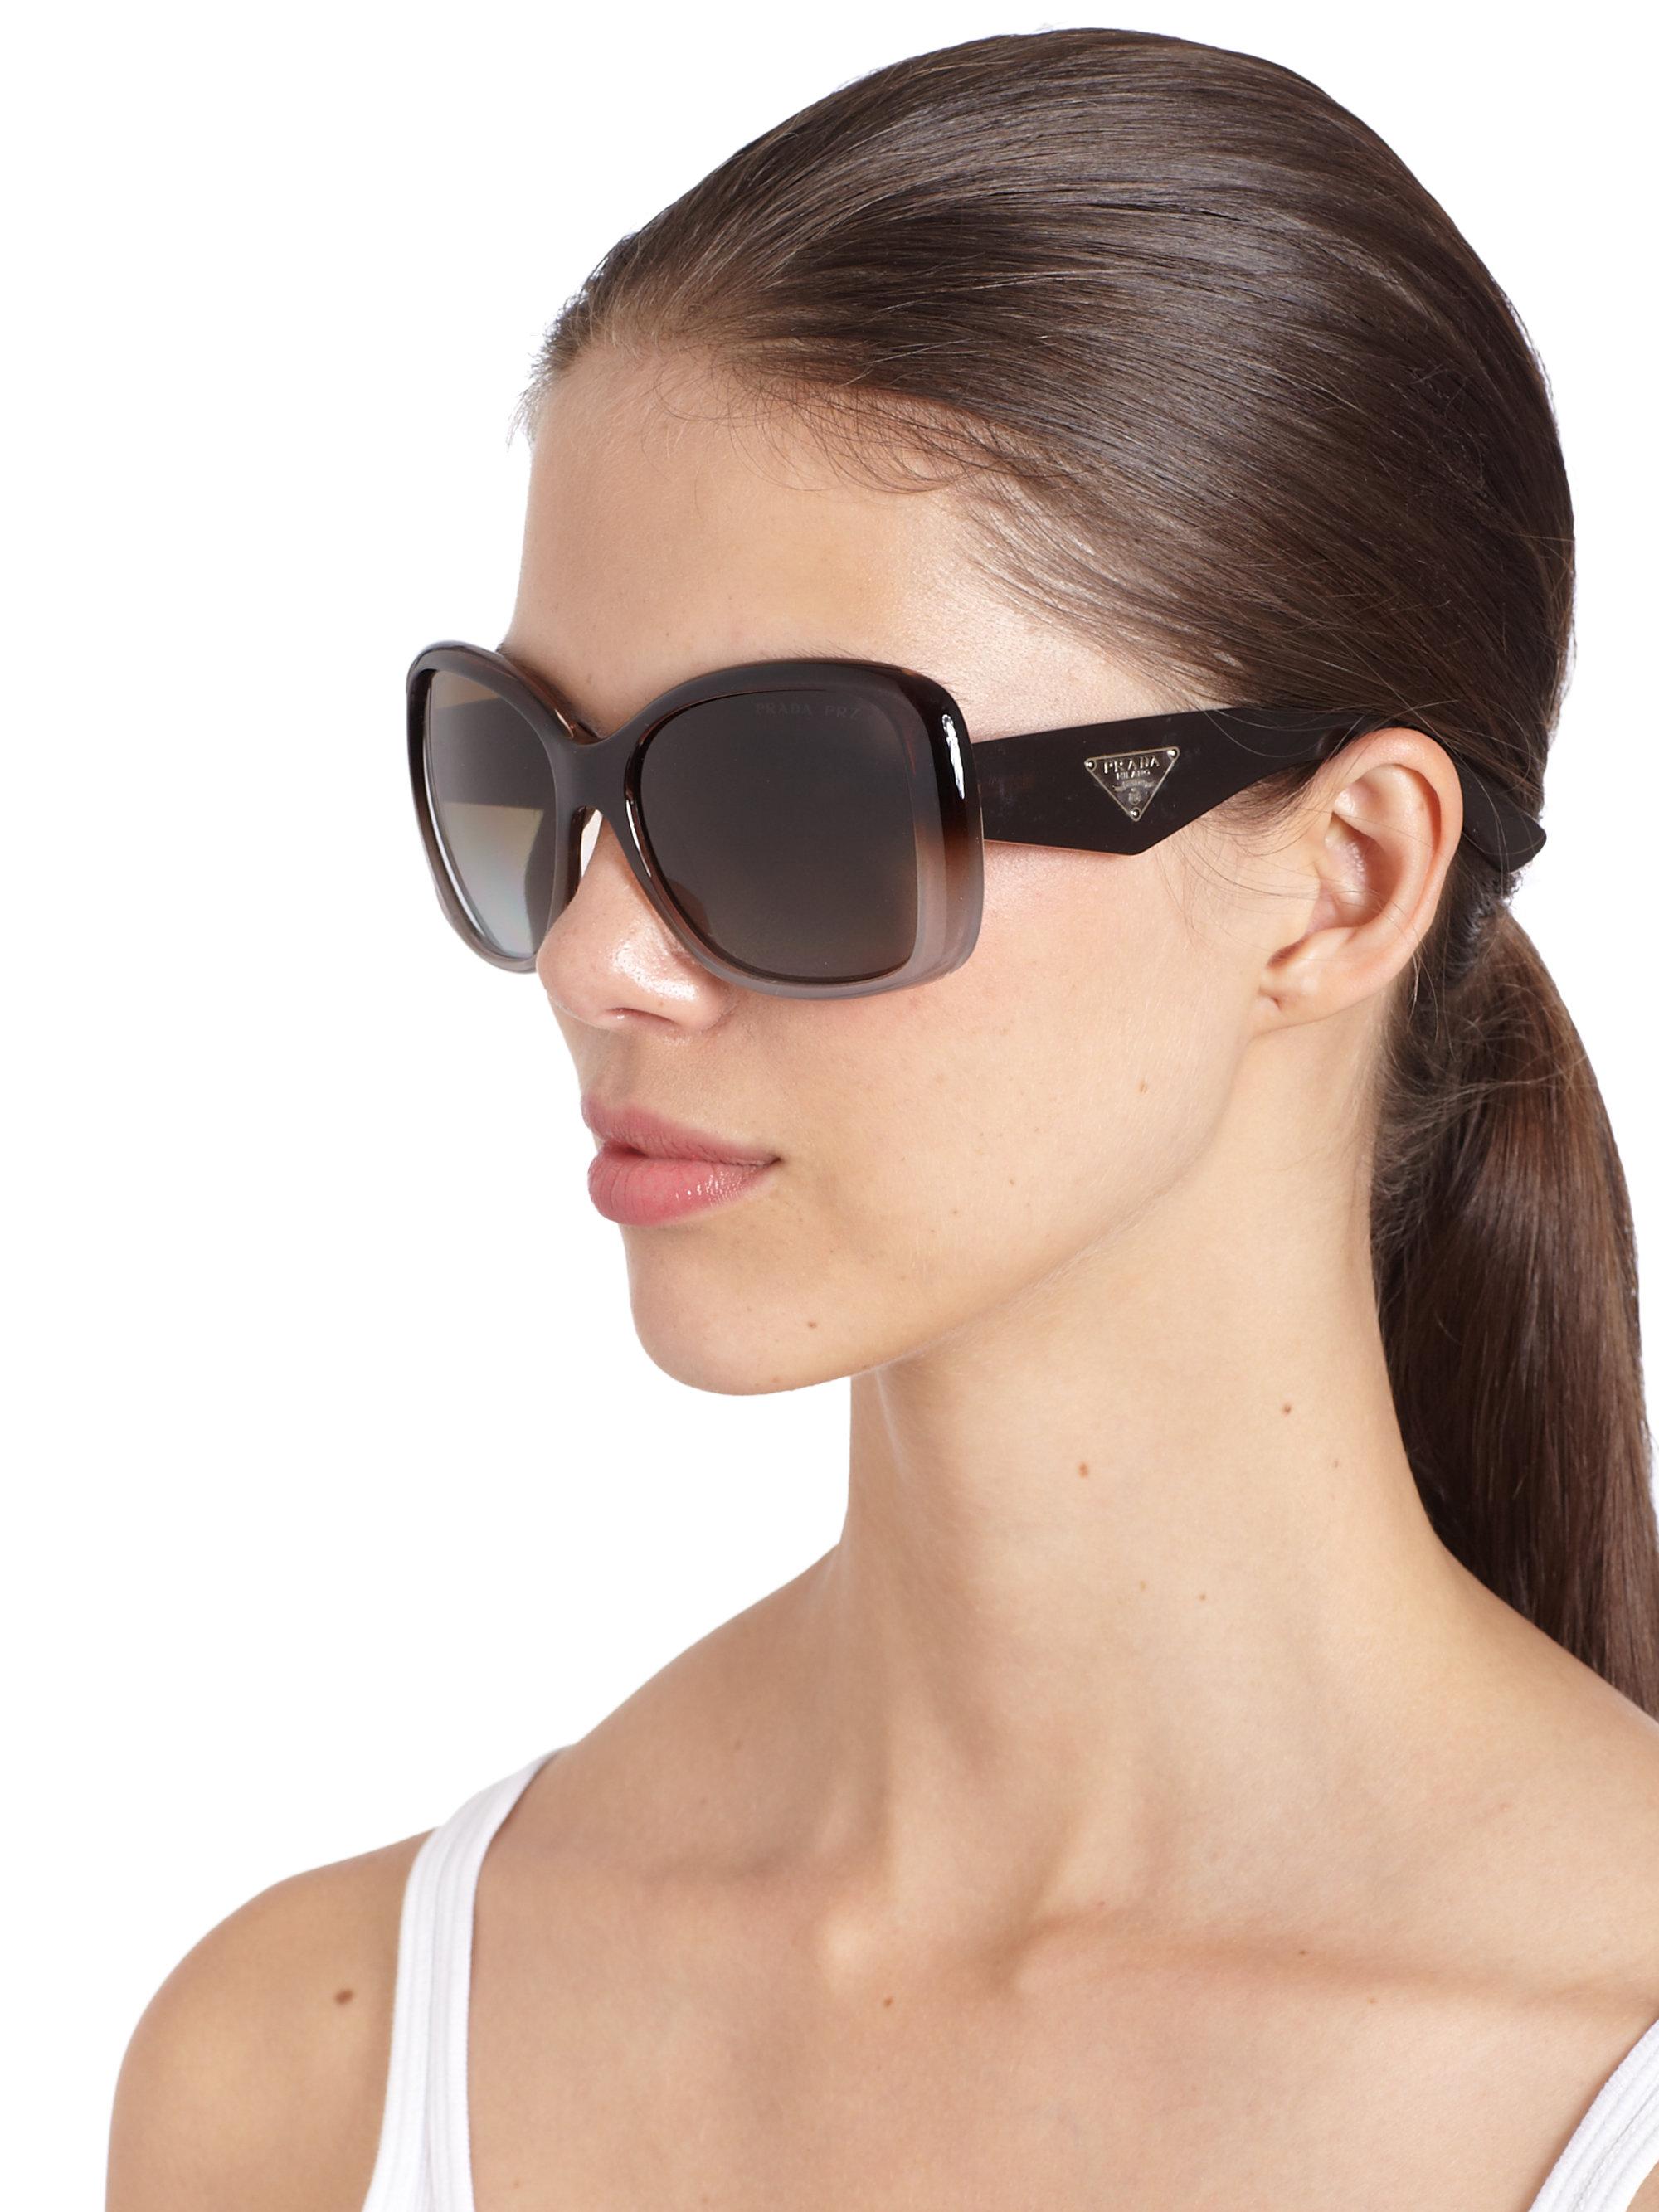 e08fbf3f7f ... cheapest prada oversized square glam sunglasses in brown lyst b7723  ea1a3